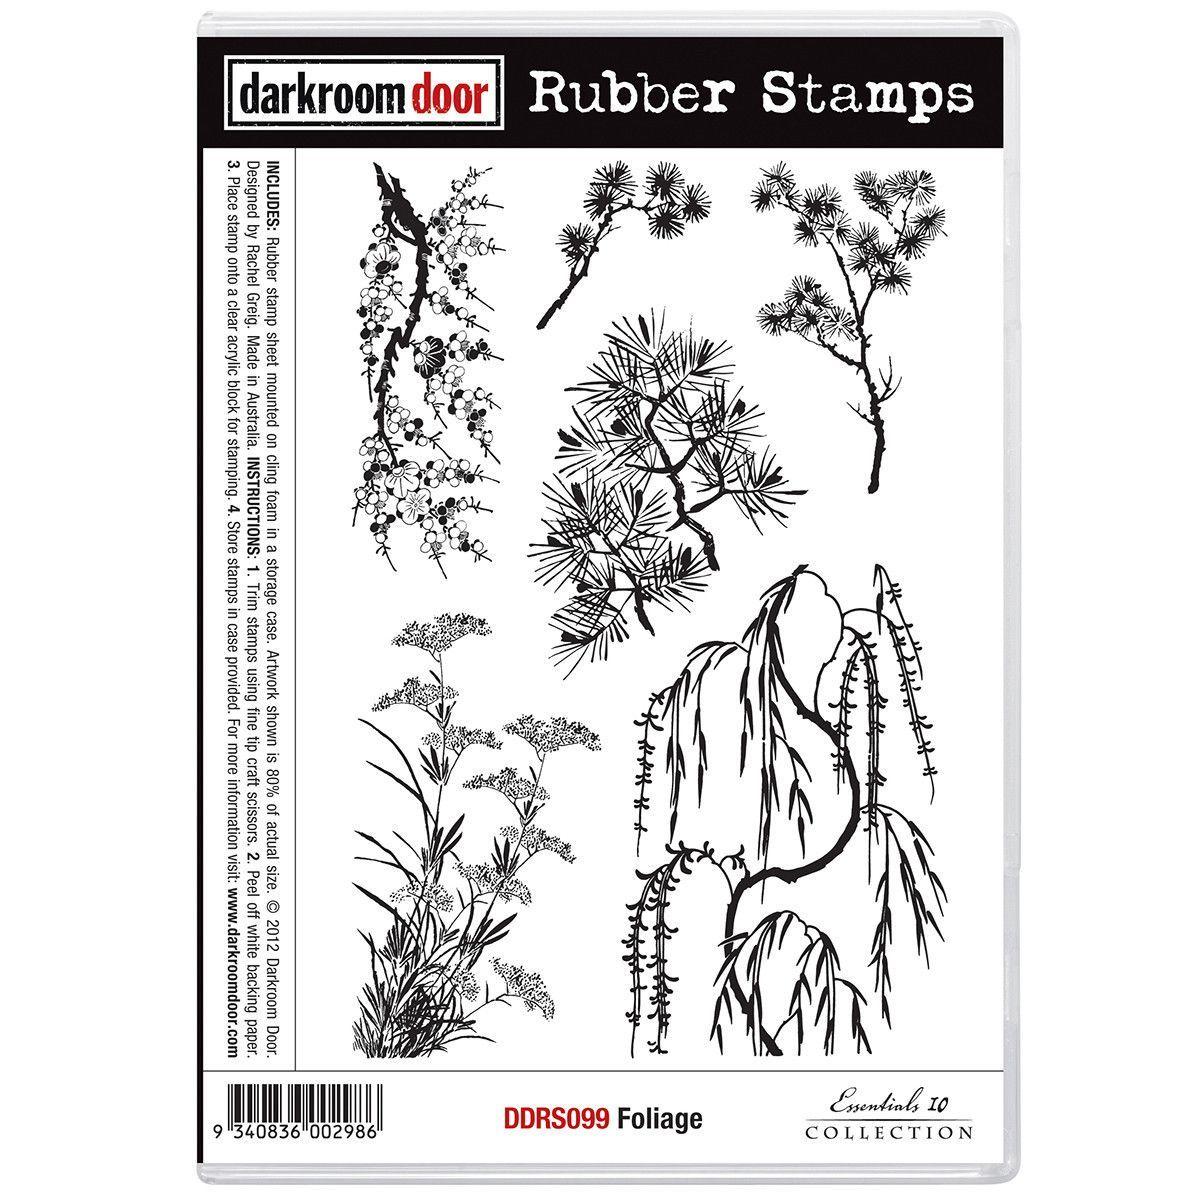 Darkroom door cling stamps